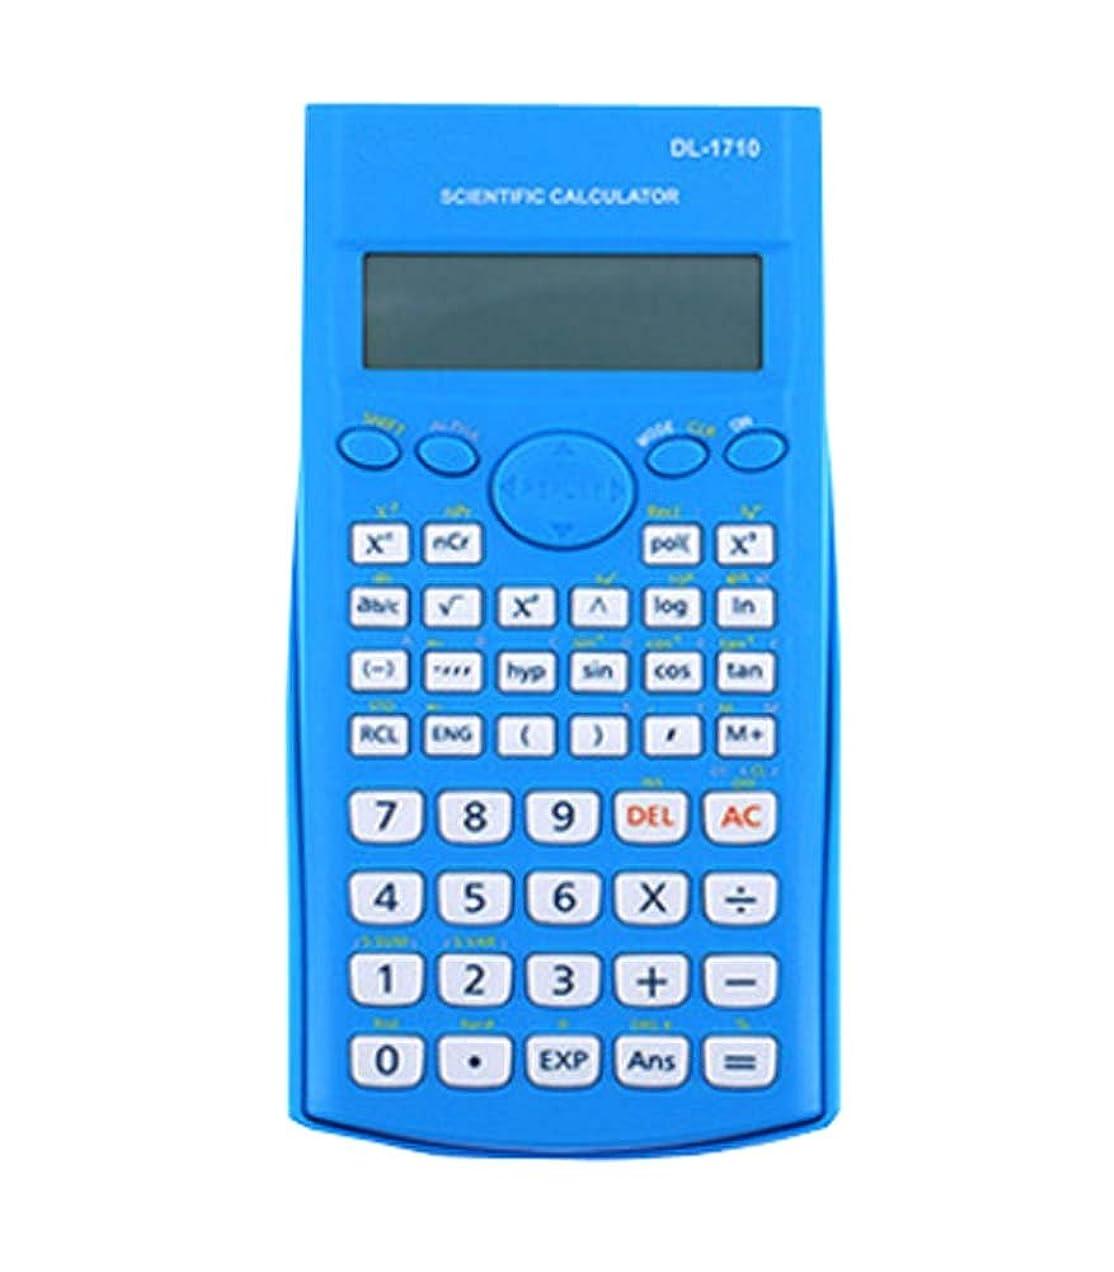 スナッチスナッチ争う科学電卓、エンジニアリング電卓 - 事務用品、青